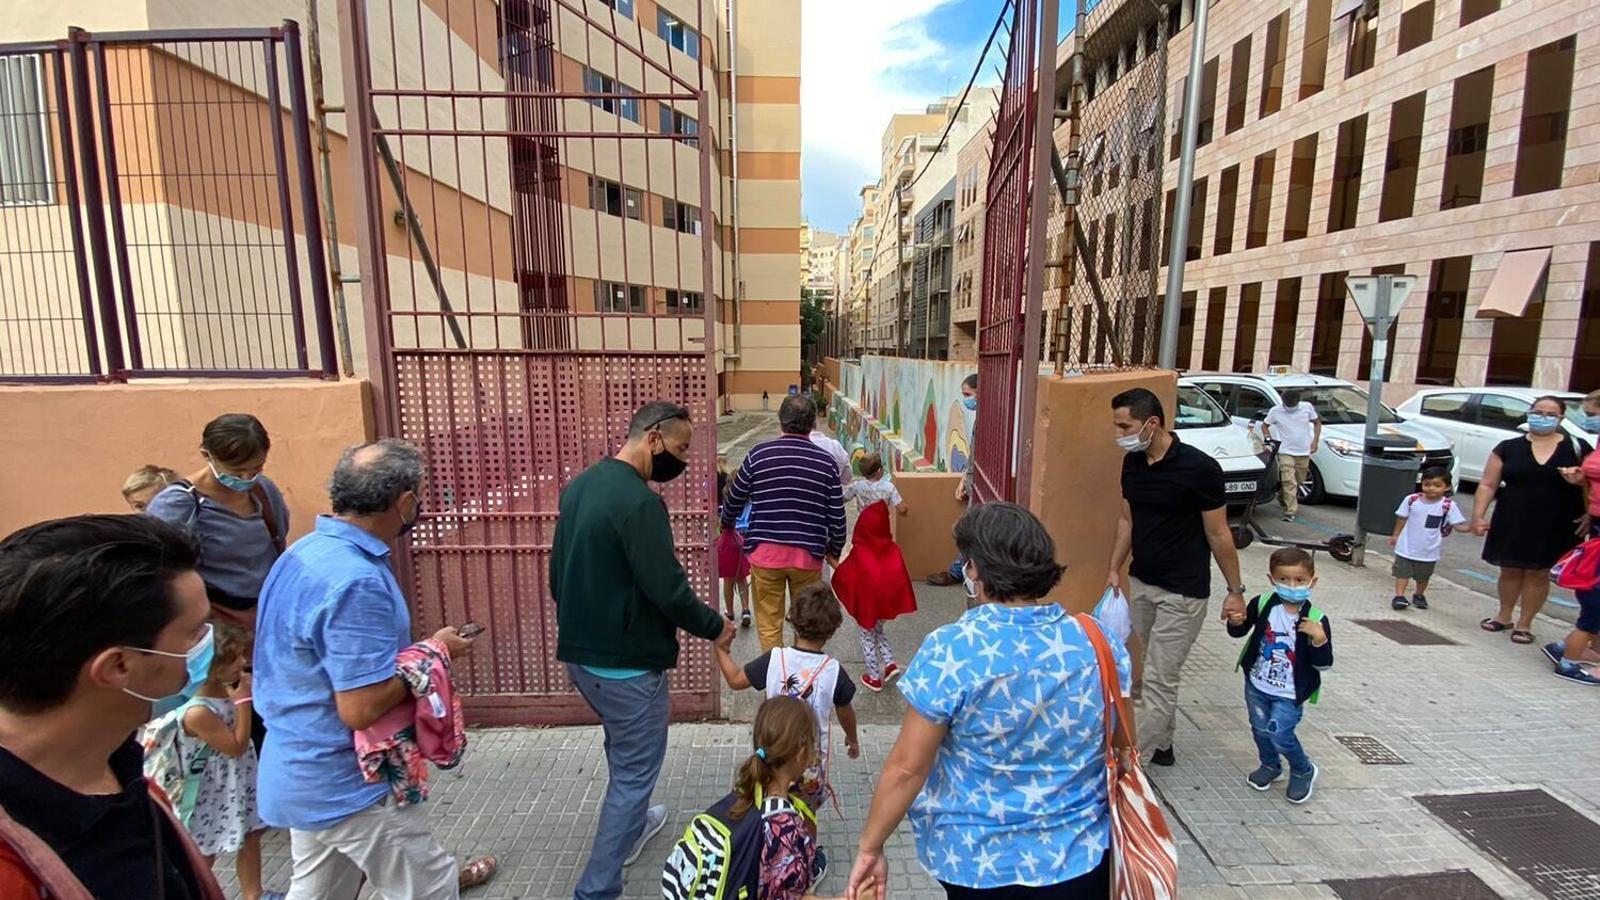 Els curs escolar va començar de manera esglaonada el passat 10 de setembre a les Balears